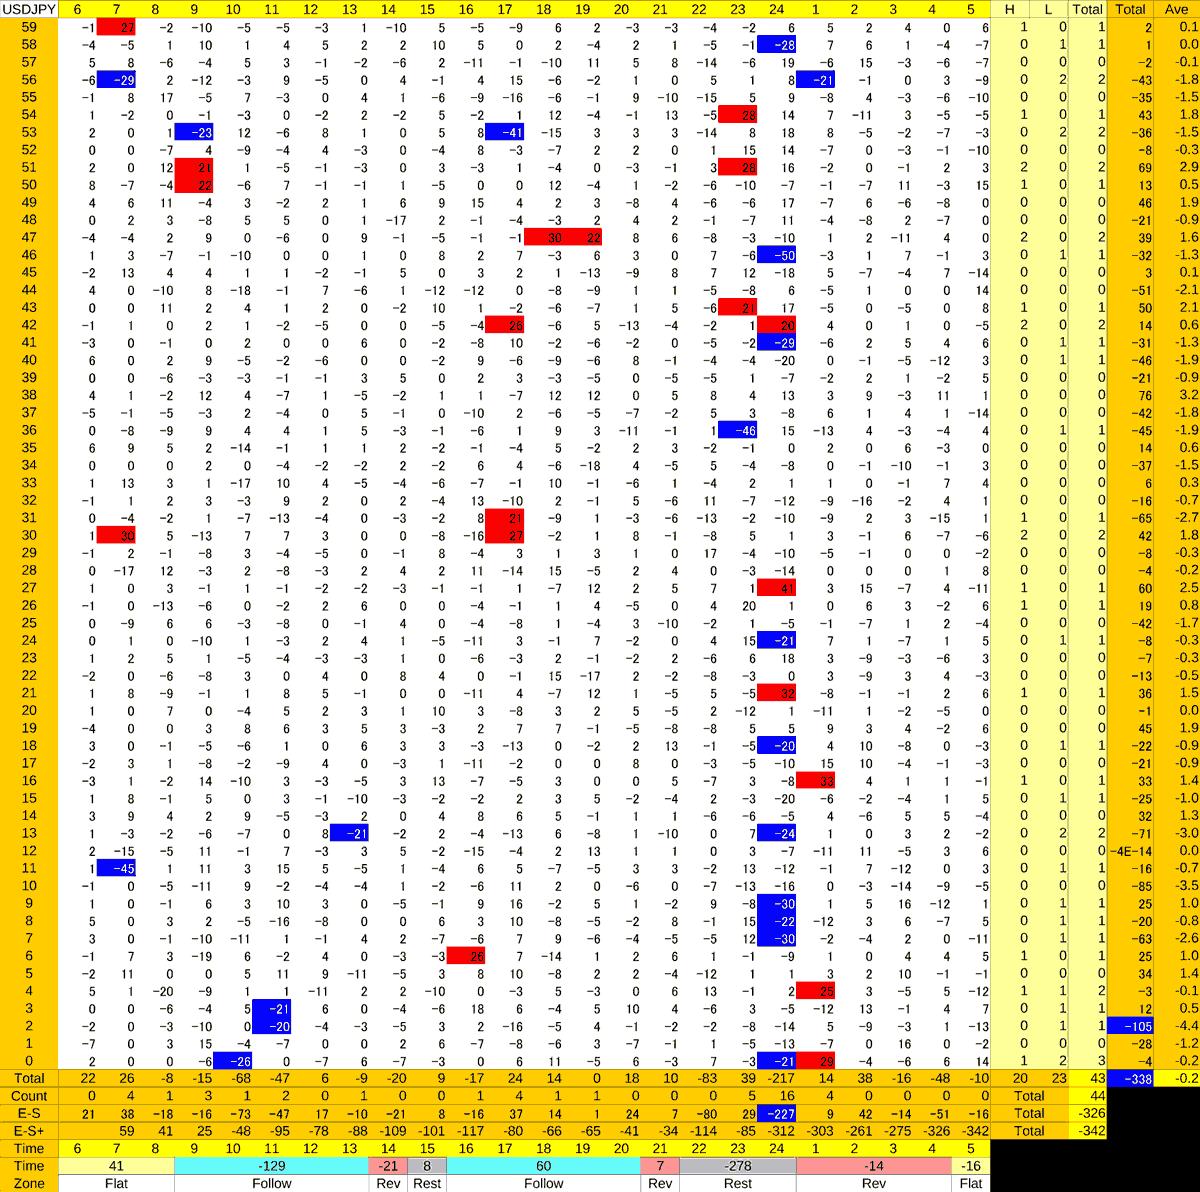 20210120_HS(1)USDJPY